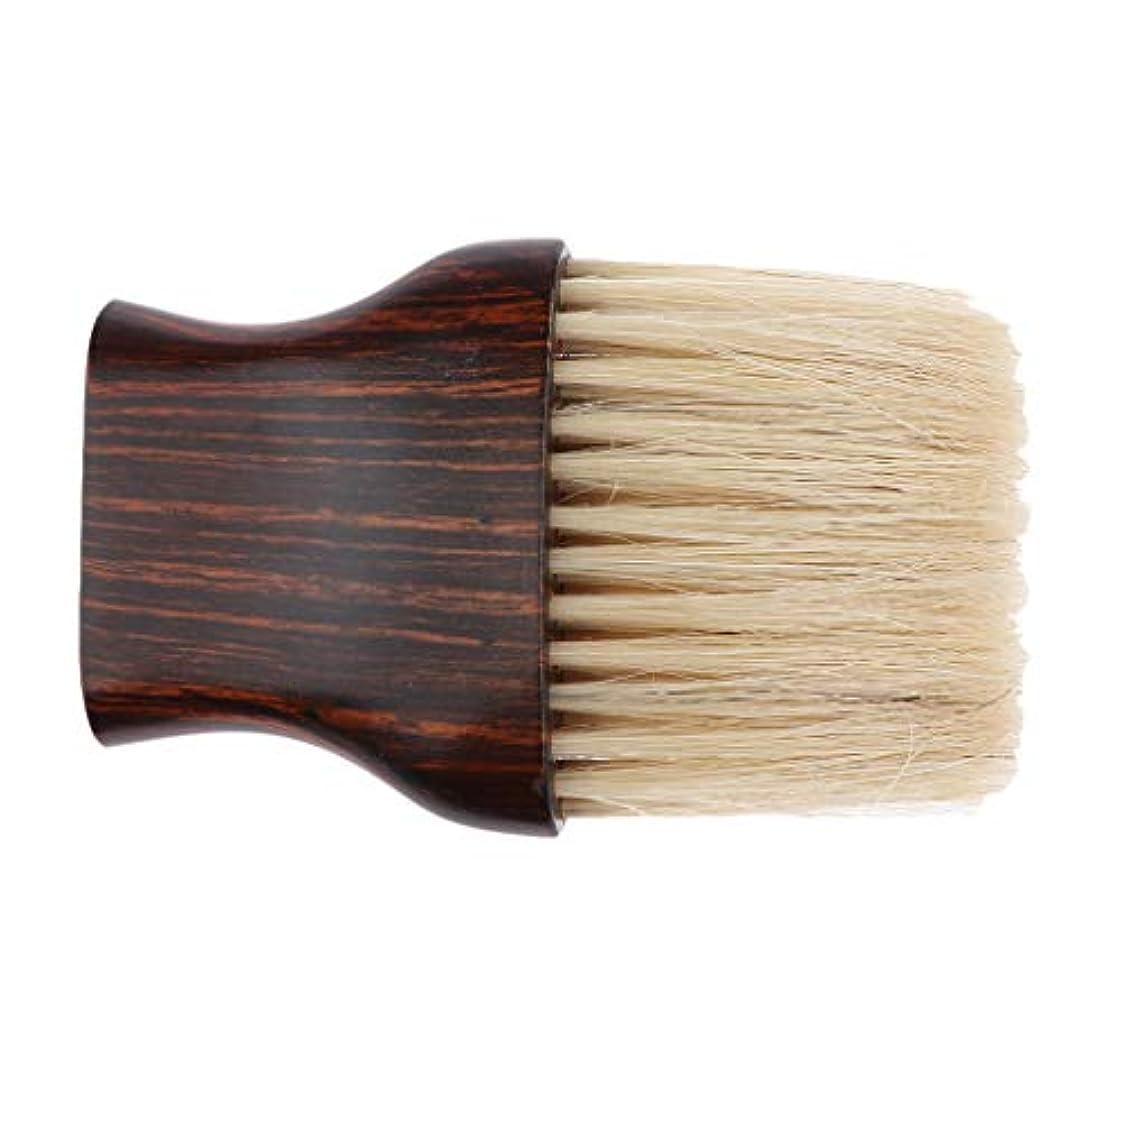 見つけた社会学練習理髪 ネックダスターブラシ クリーニング ヘアブラシ ヘアスイープブラシ サロンヘアカット ツール